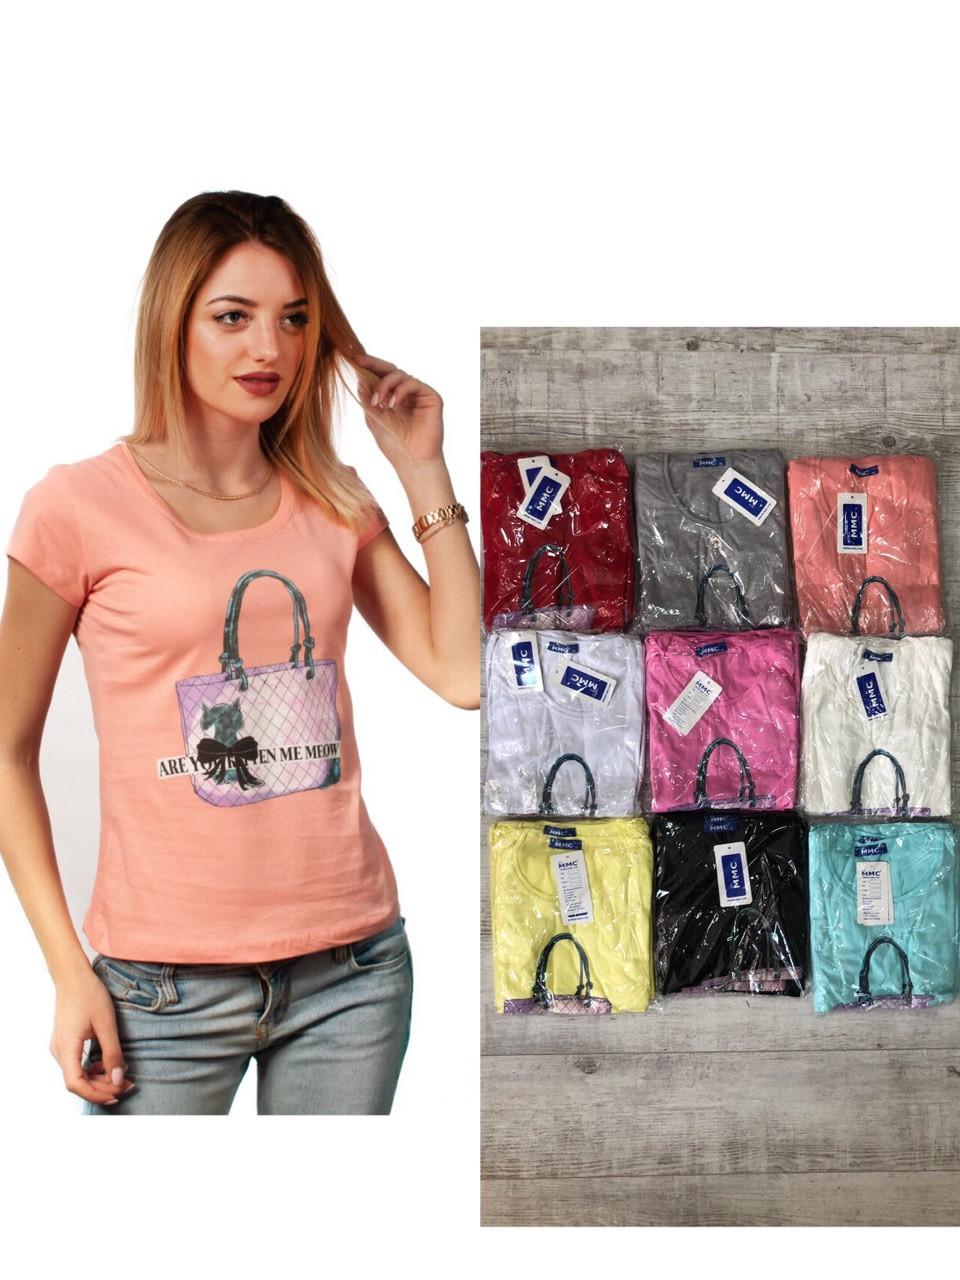 Красивая Женская футболка Купить Оптом Одесса